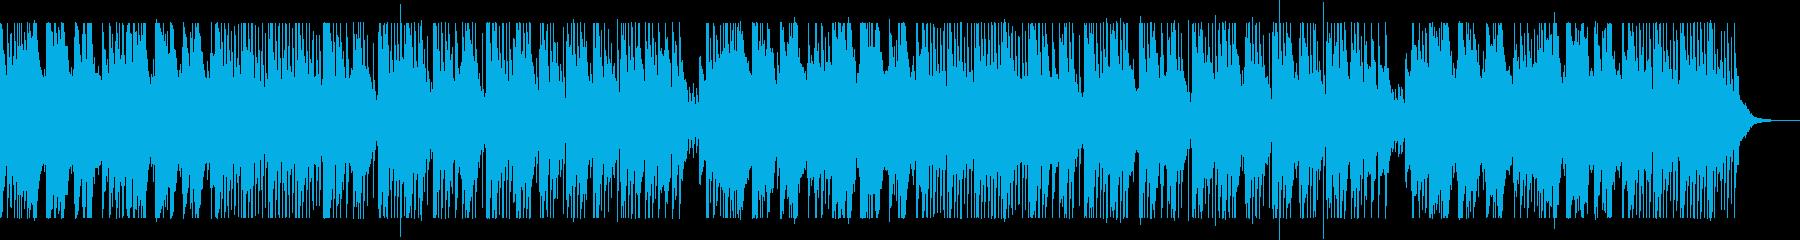 中国の伝統的打弦楽器の揚琴を使用した楽曲の再生済みの波形